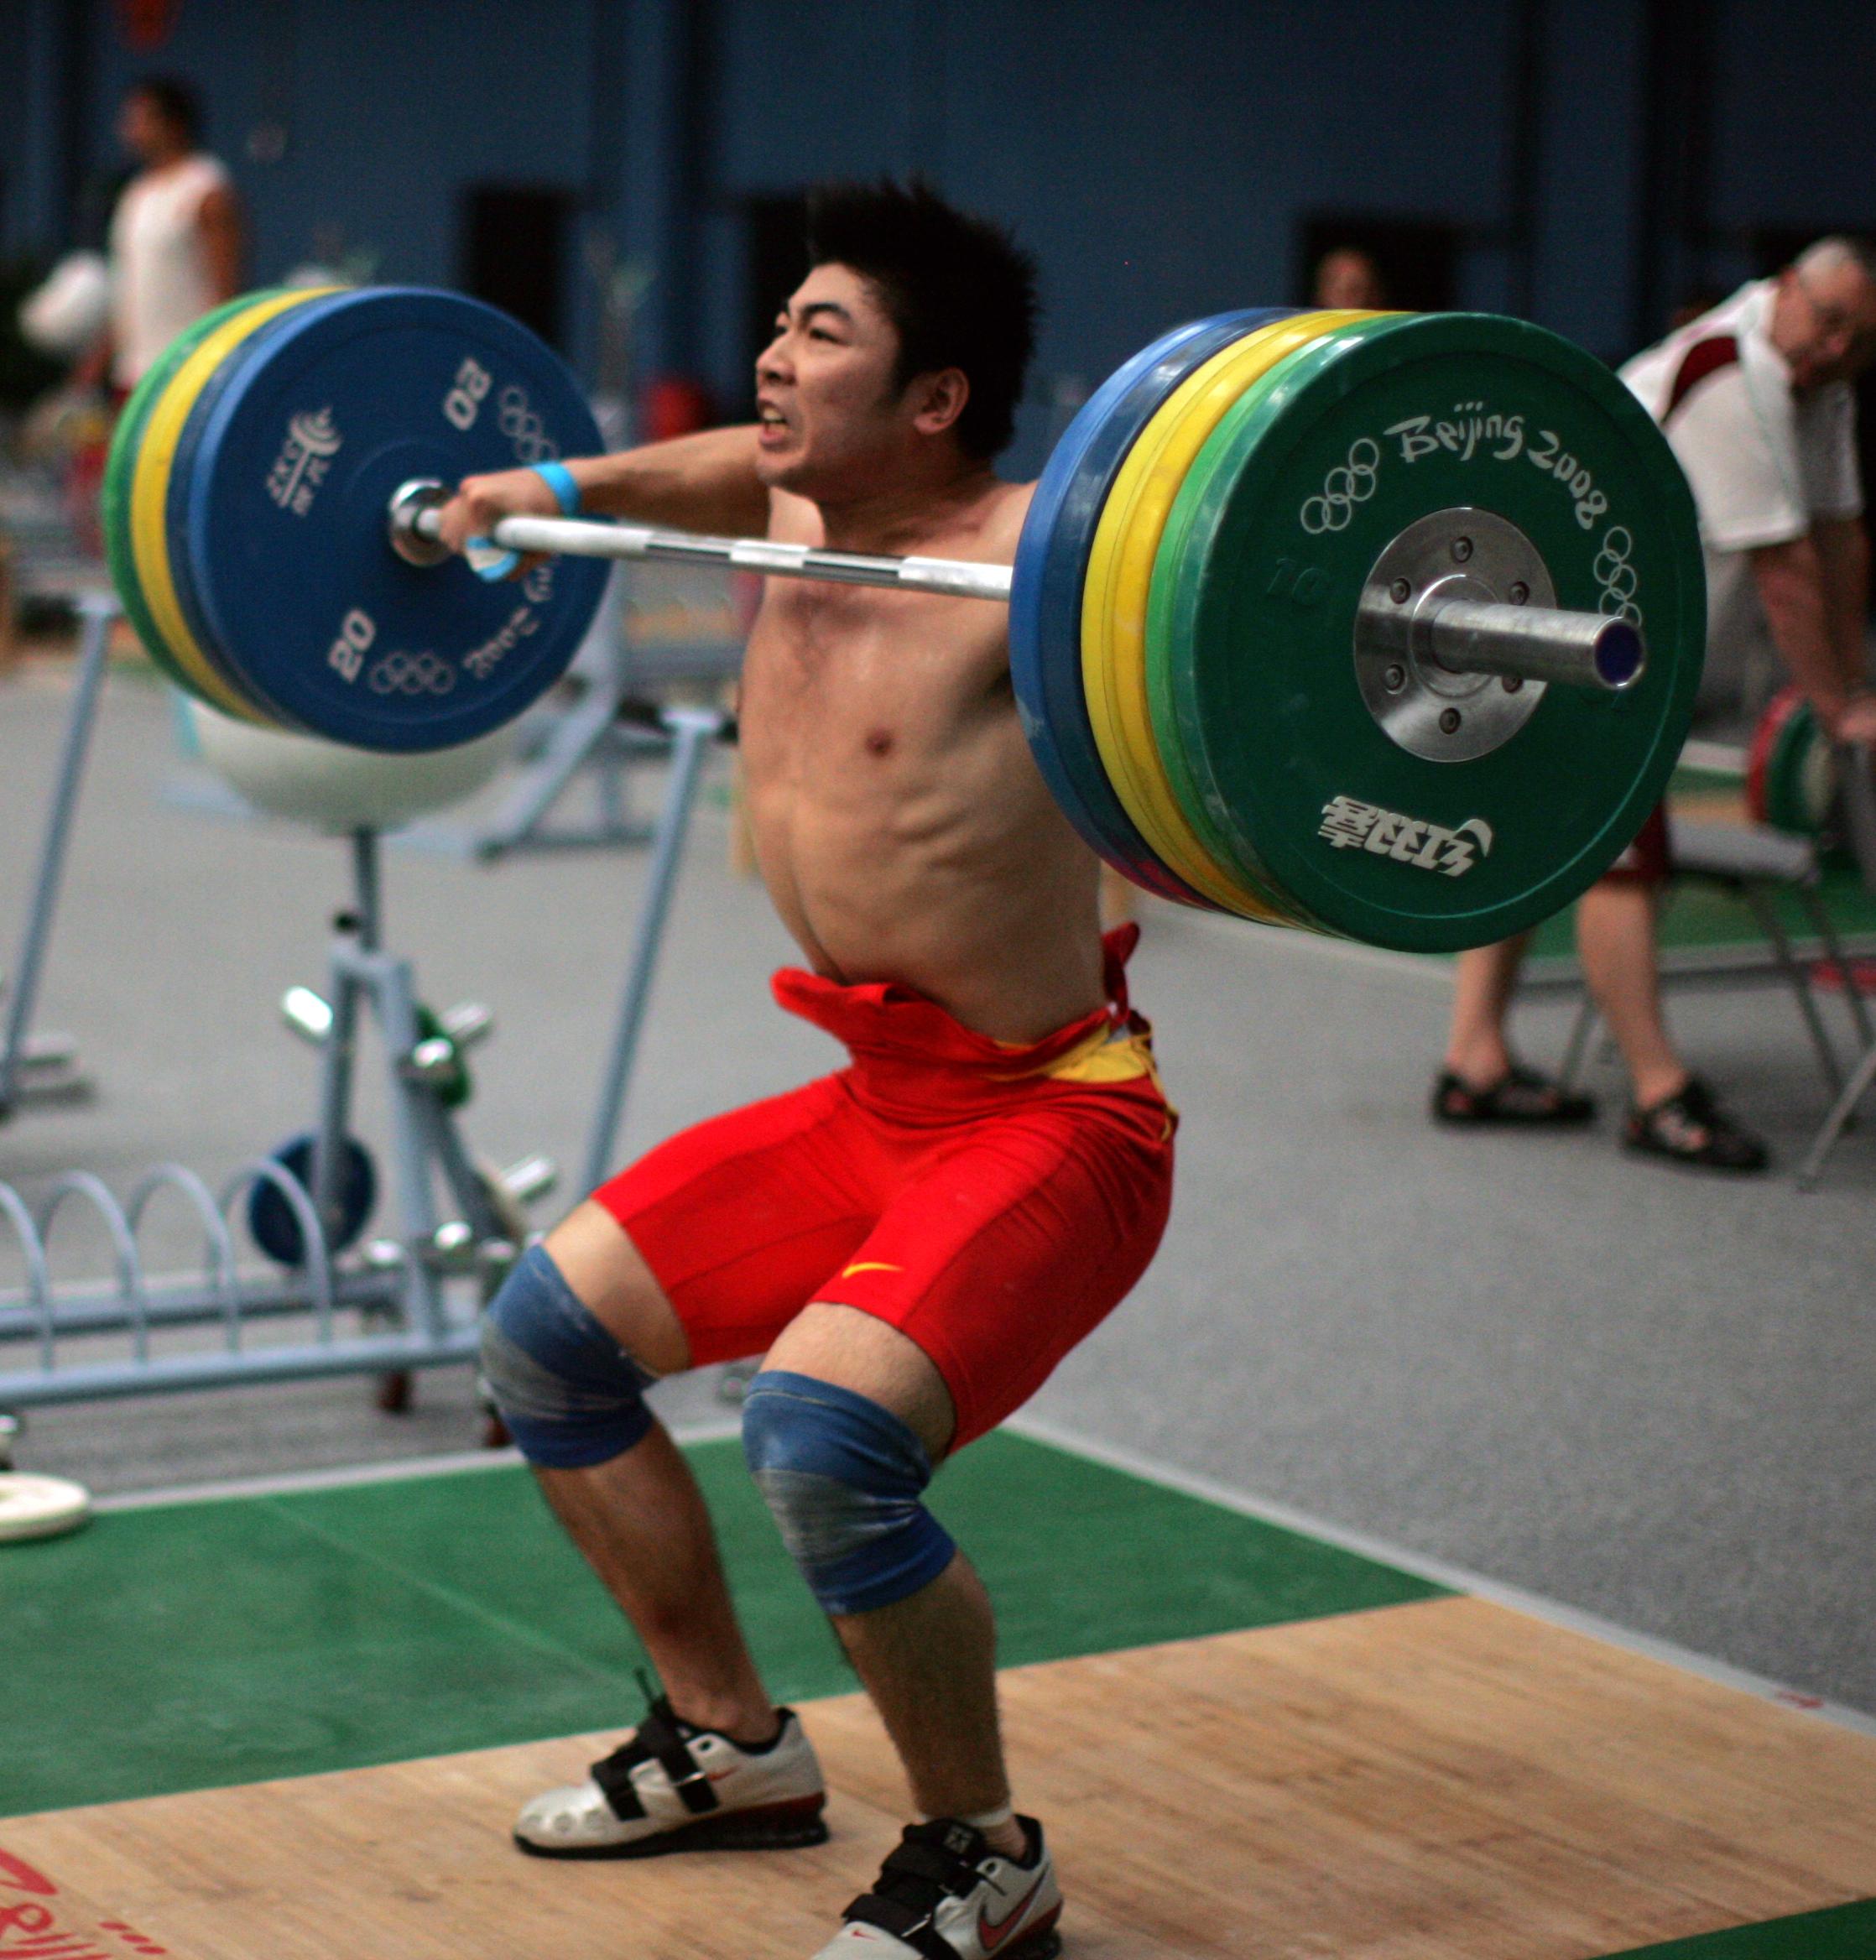 LU Yong pulling 2